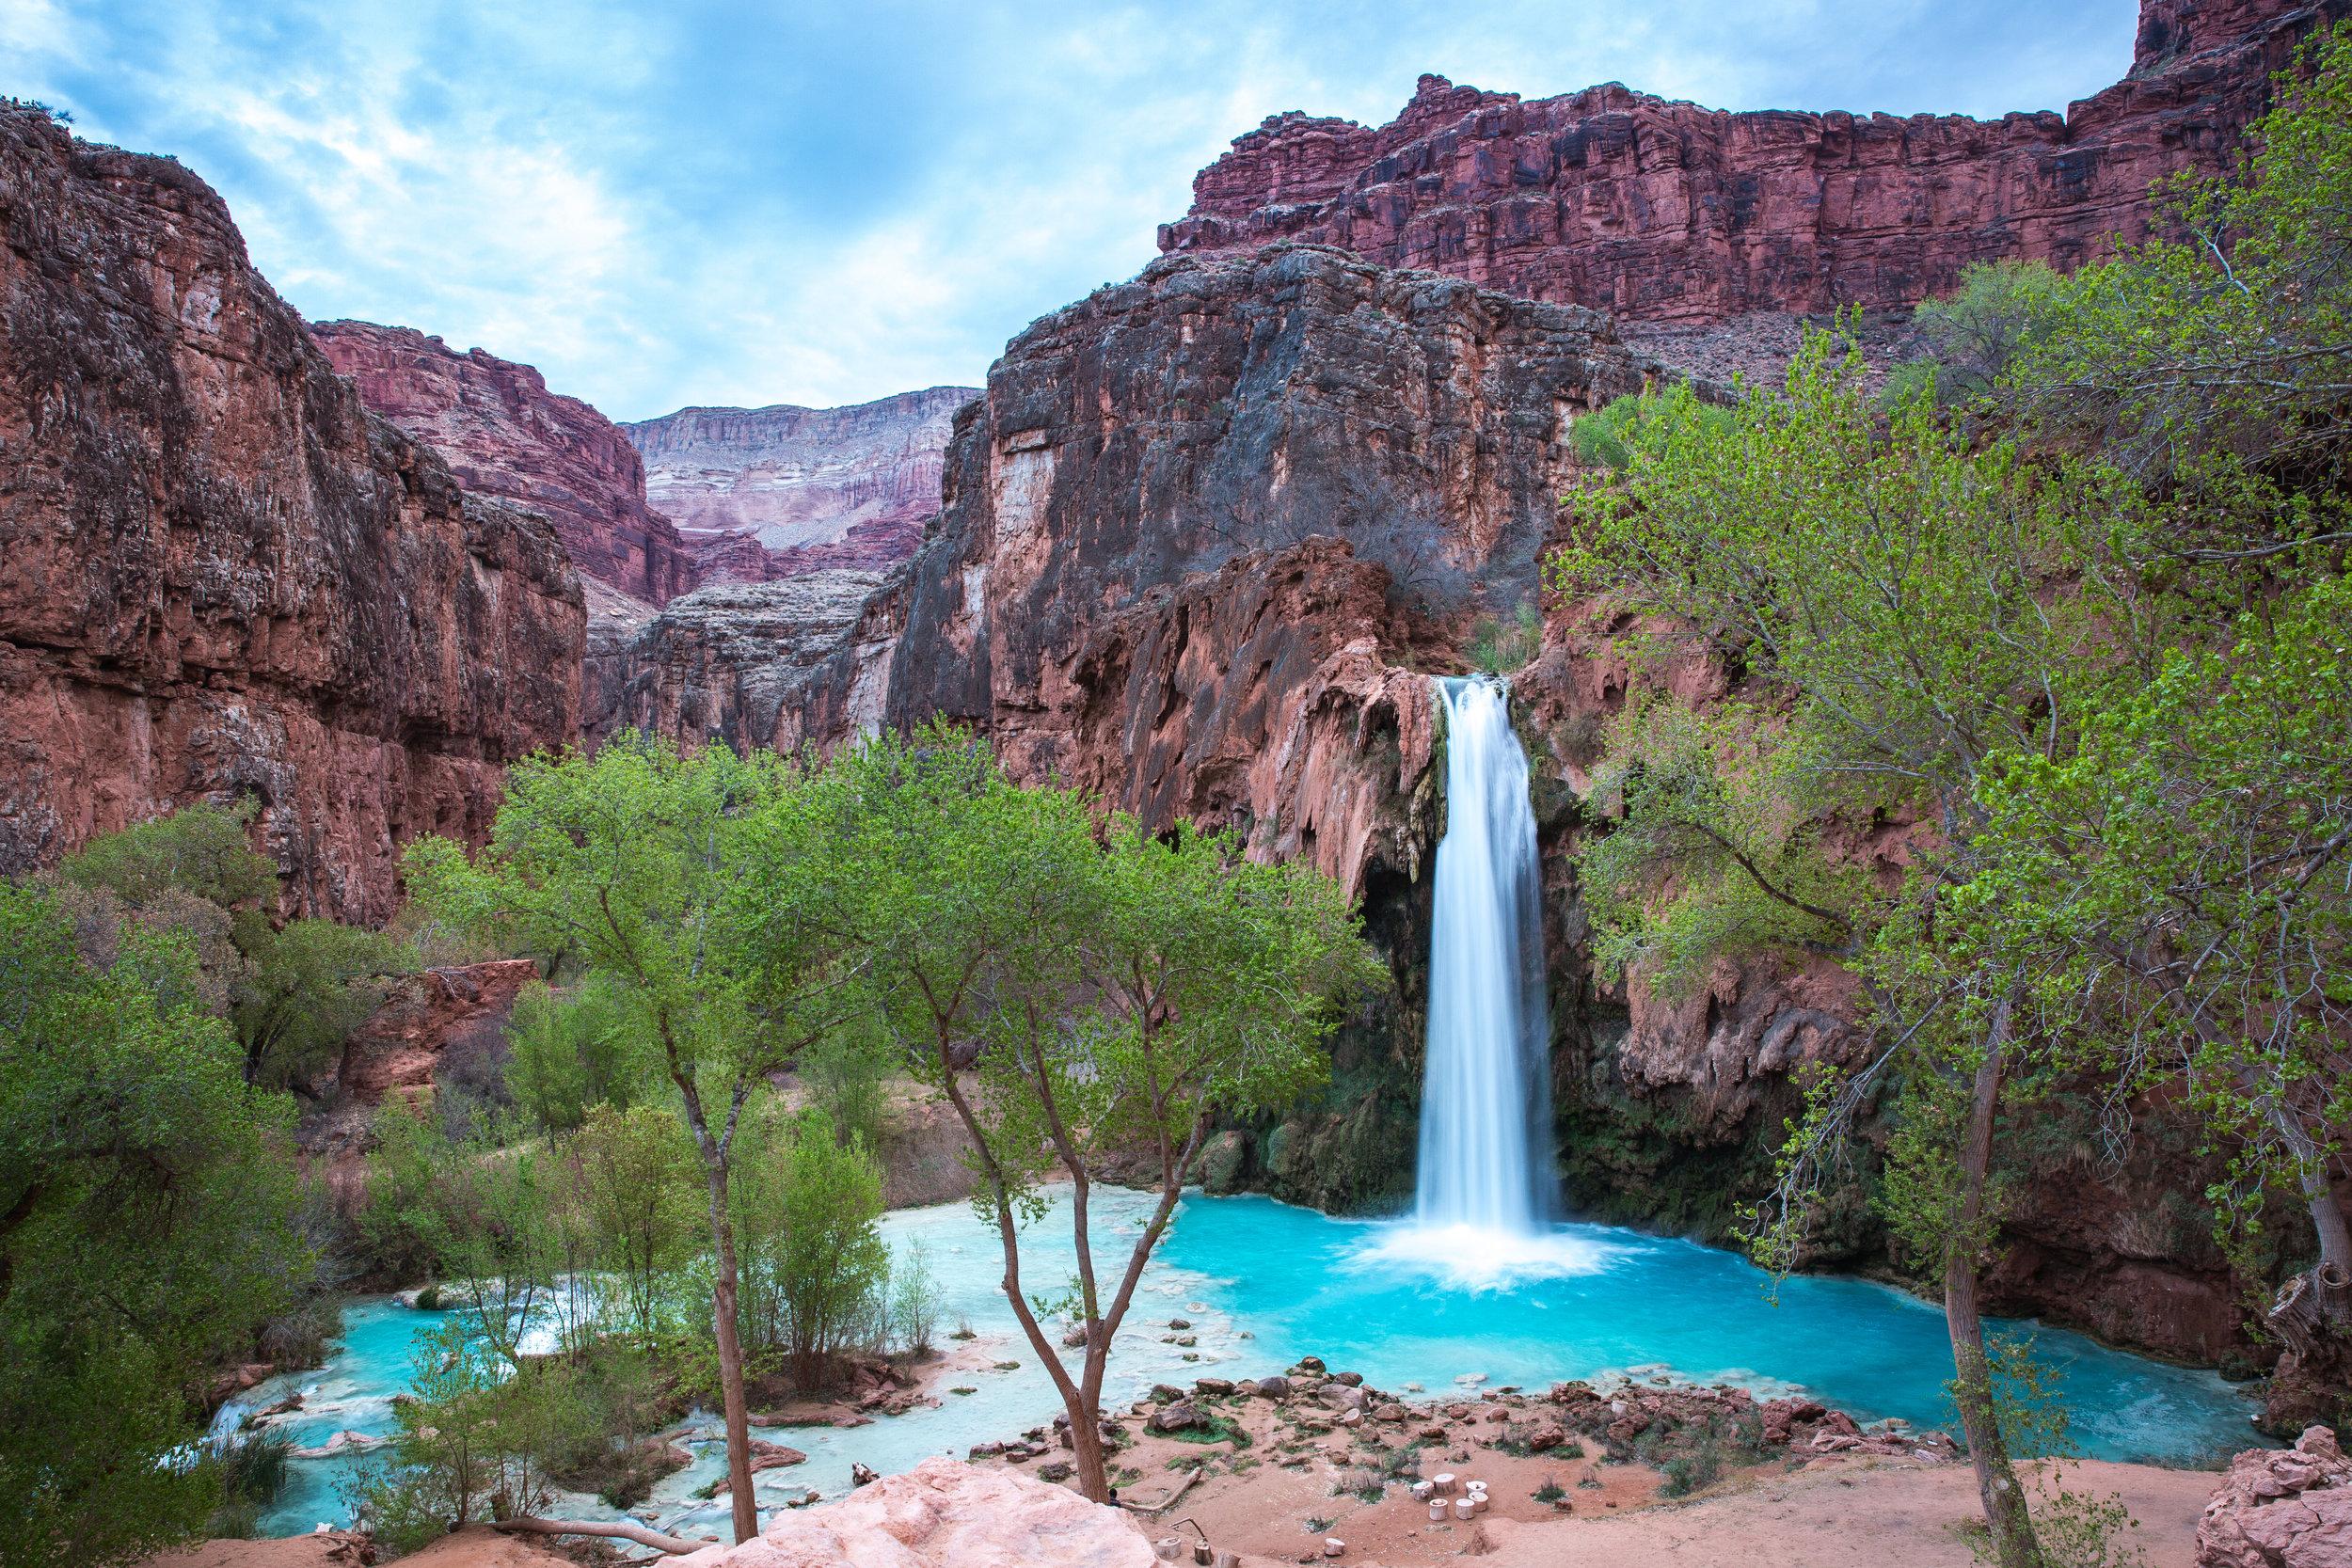 Havasu Falls, Havasupai Falls, Arizona, Explore Arizona, Havasu Tribe, Travel Arizona, Hike Havasu Falls